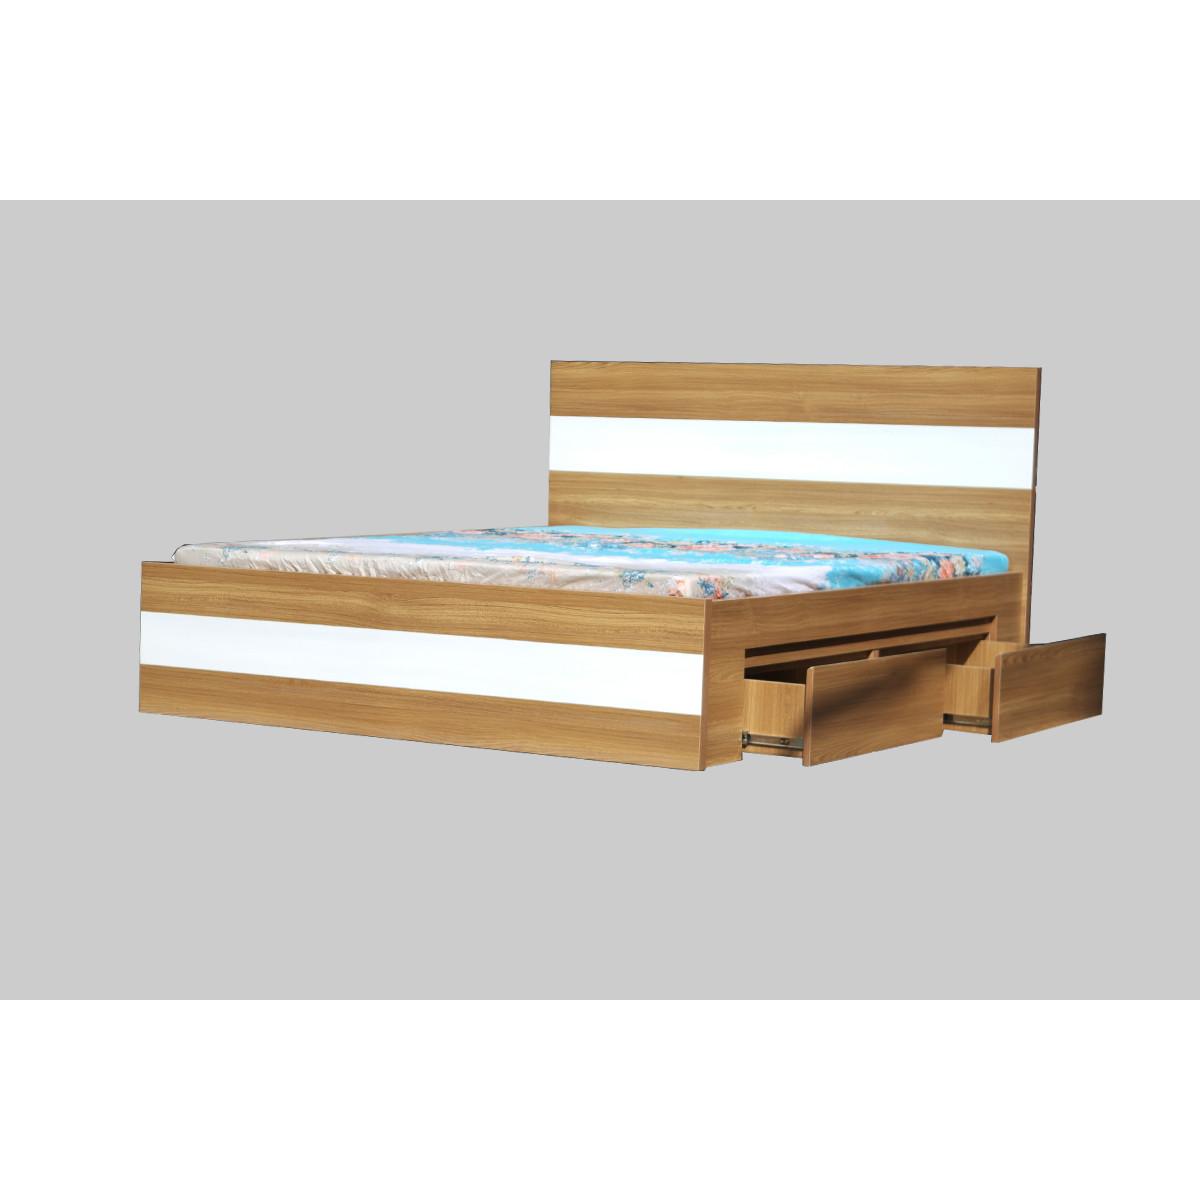 Giường Ngủ HH126 - 2 Hộc Tủ MDF Phủ Melamine Vân Gỗ chống trầy xước